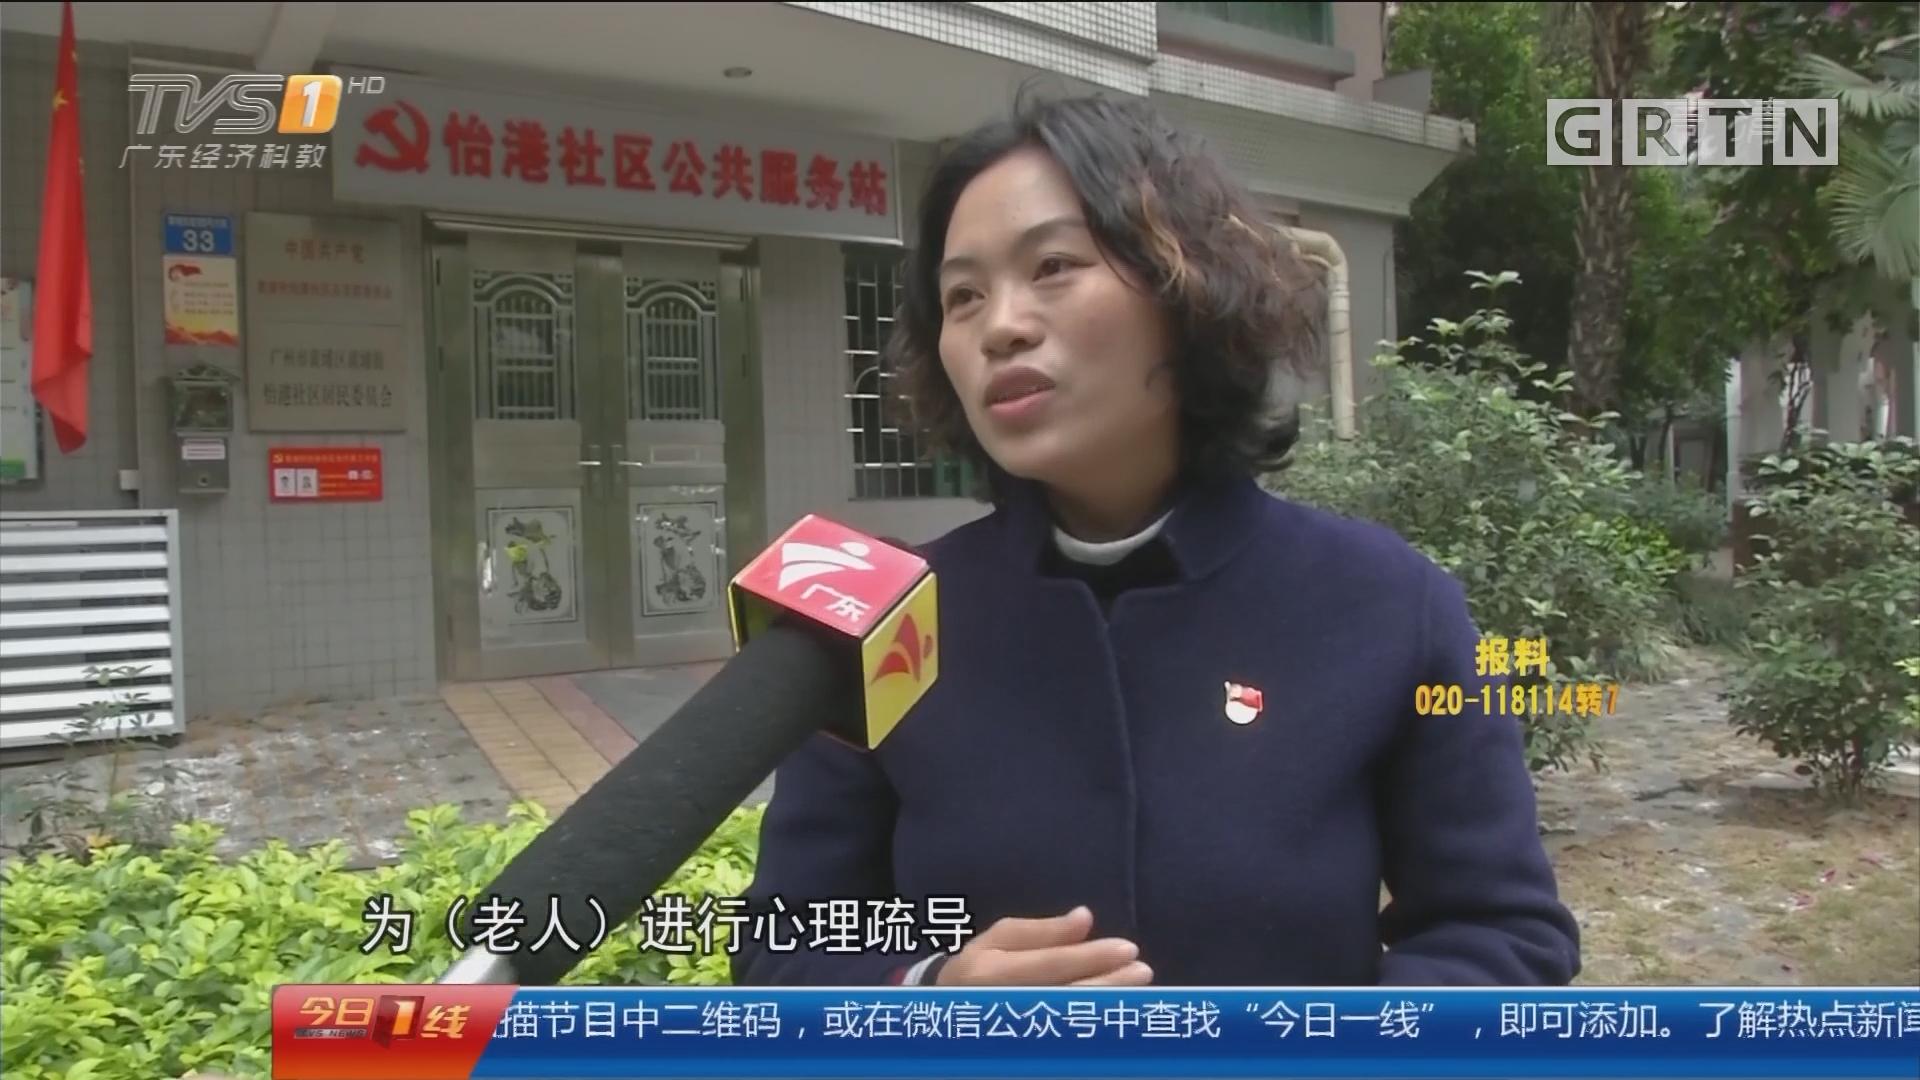 新春走基层:广东最美社区 志愿者上门 为社区老人庆寿